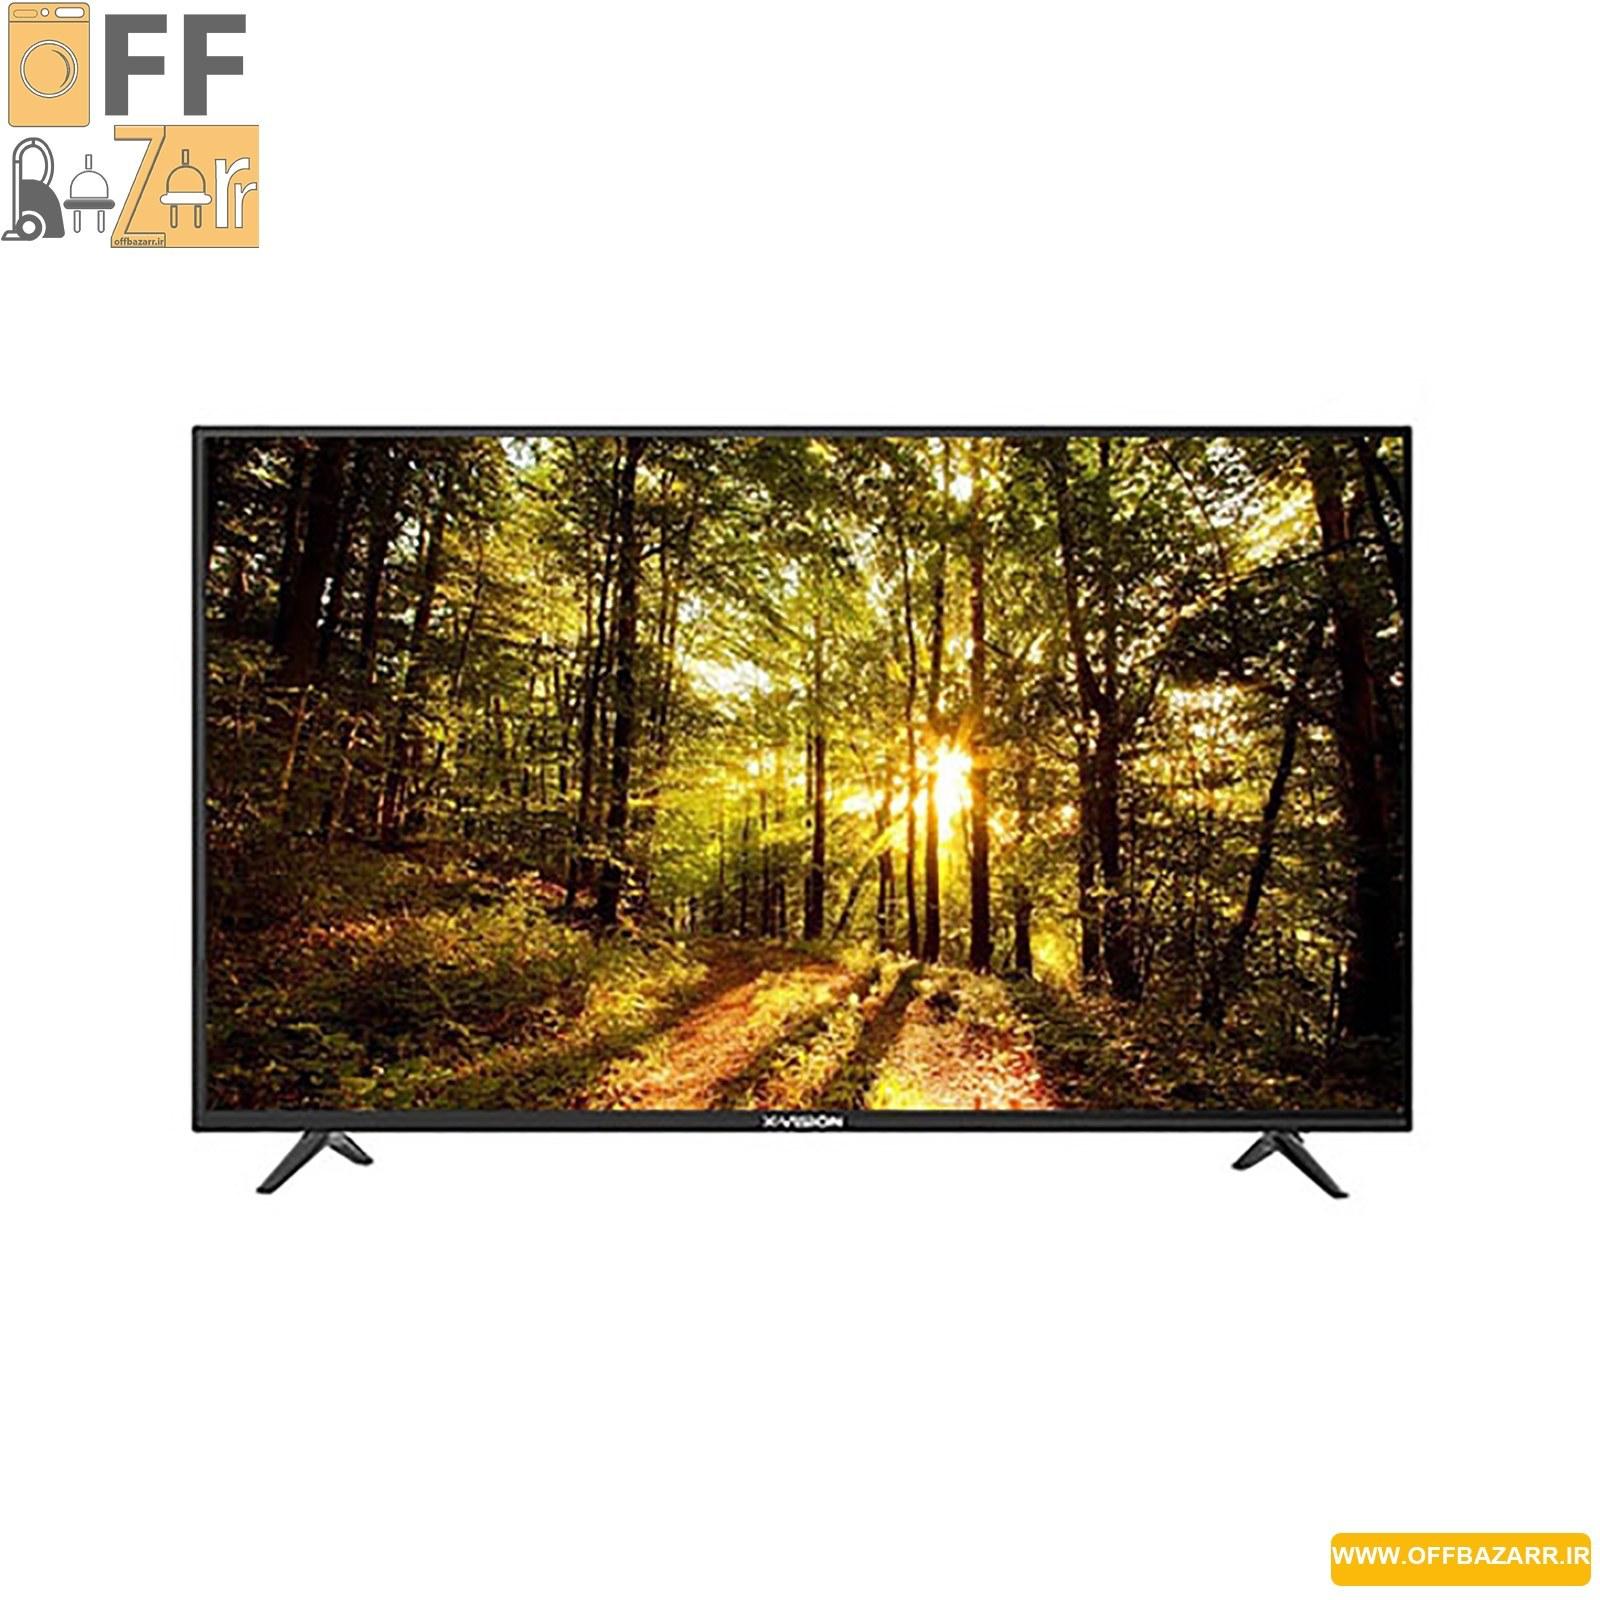 تصویر تلویزیون 43 اینچ ایکس ویژن مدل XK565 X.Vision 43XK565 TV